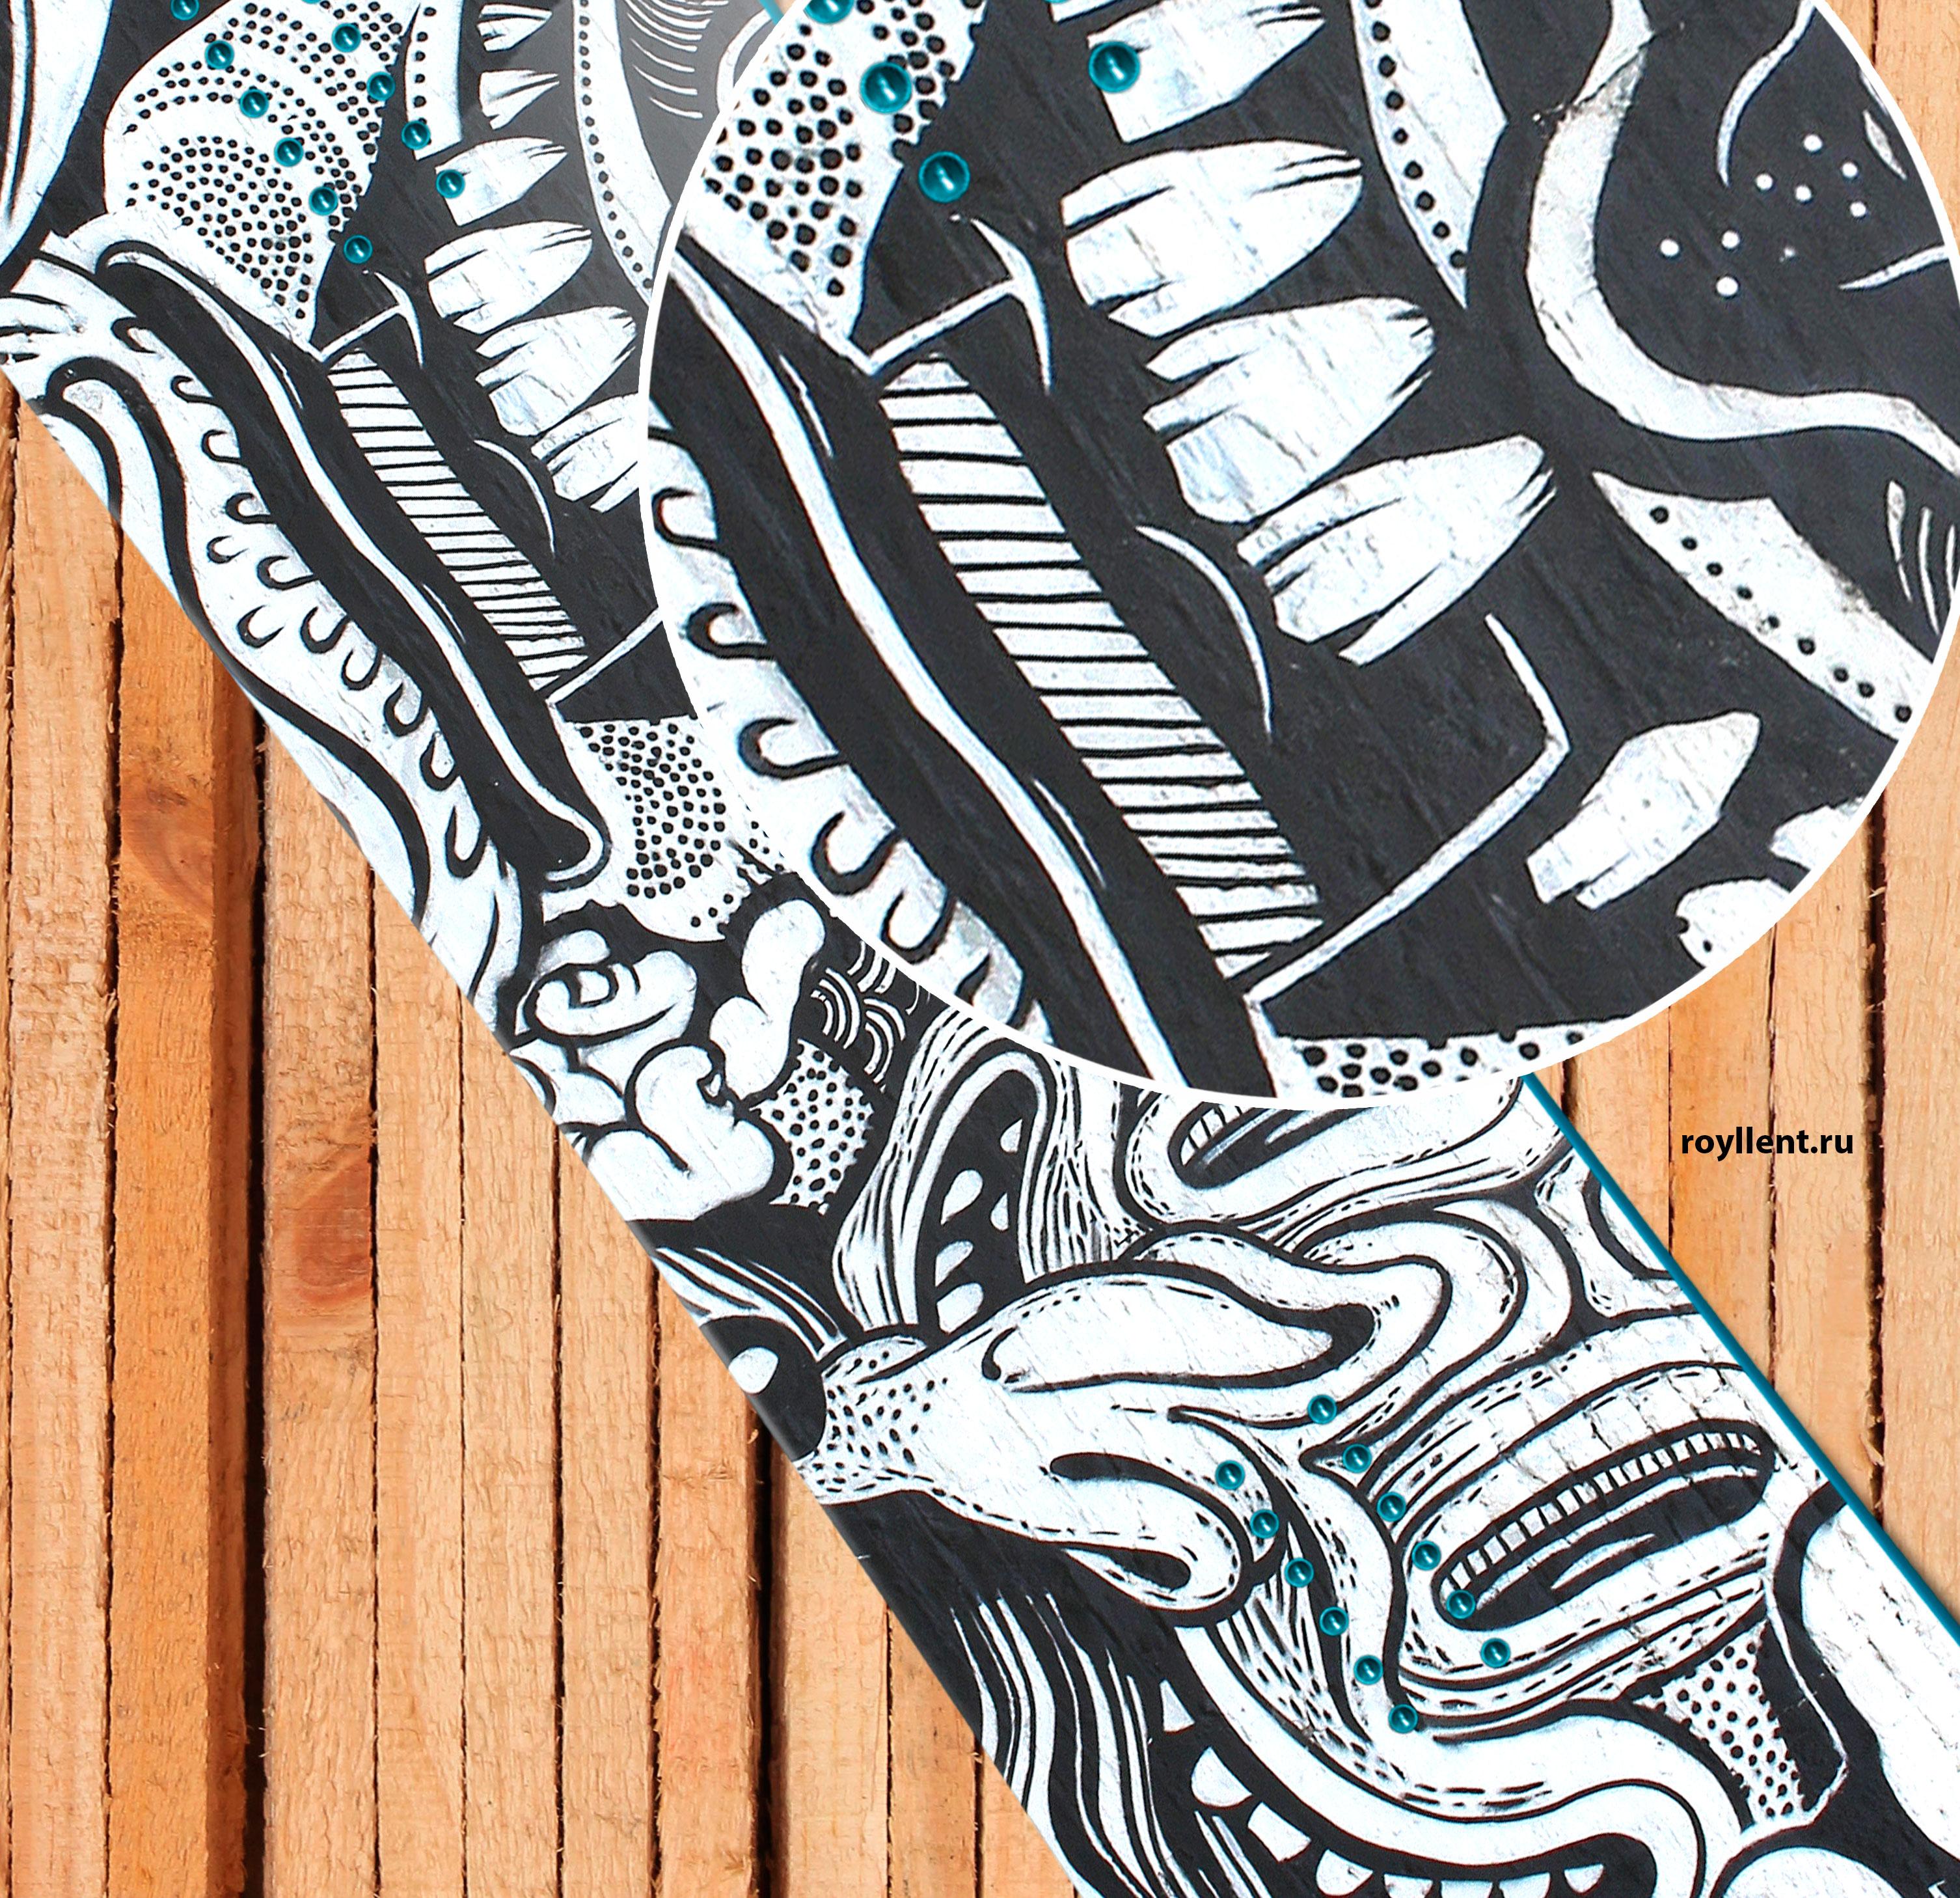 Граффити дизайн принт для сноуборда купить